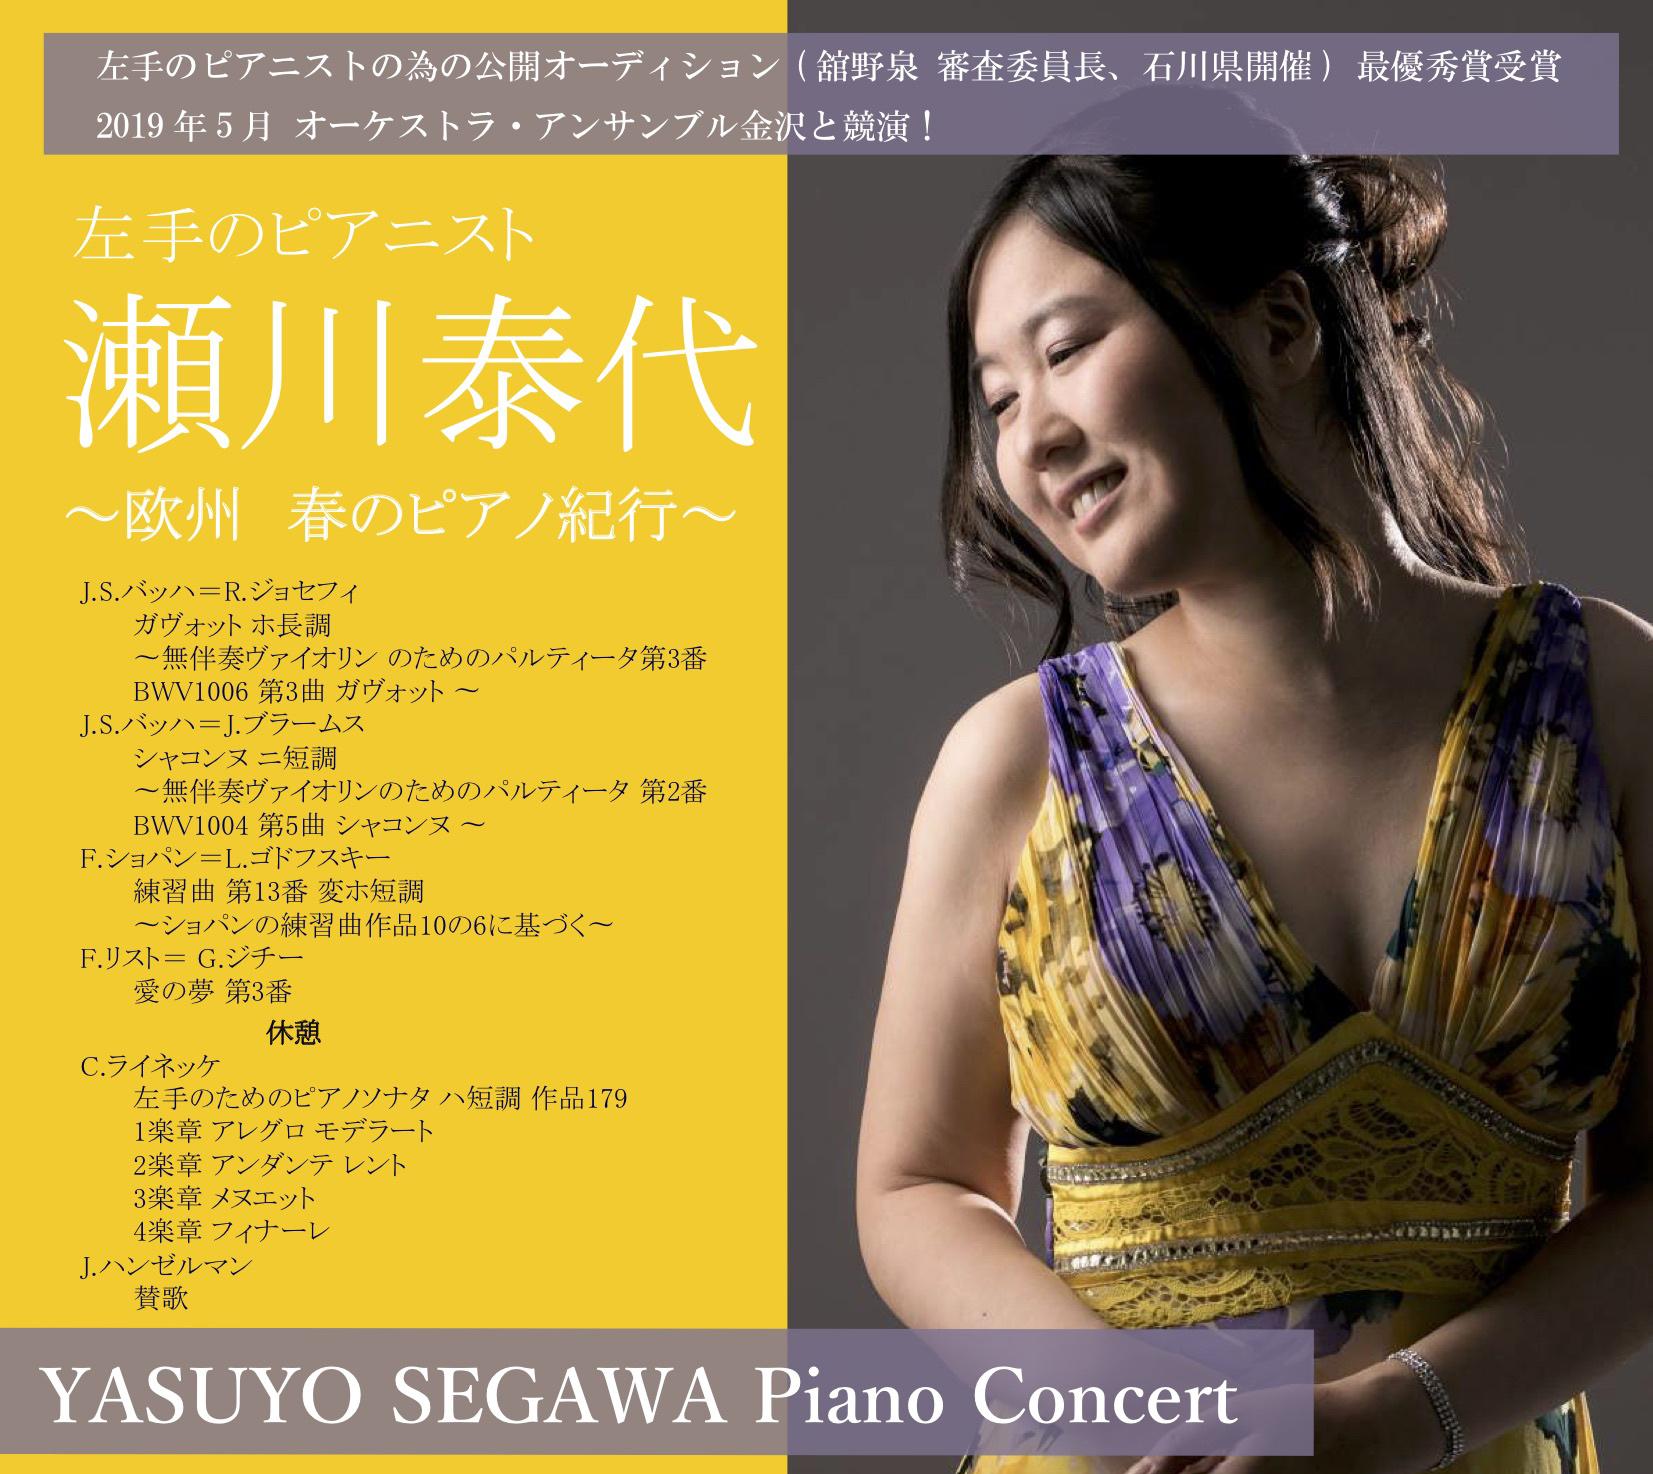 4月20日14:00〜 左手のピアニスト瀬川泰代〜欧州 春のピアノ紀行〜(貸出)